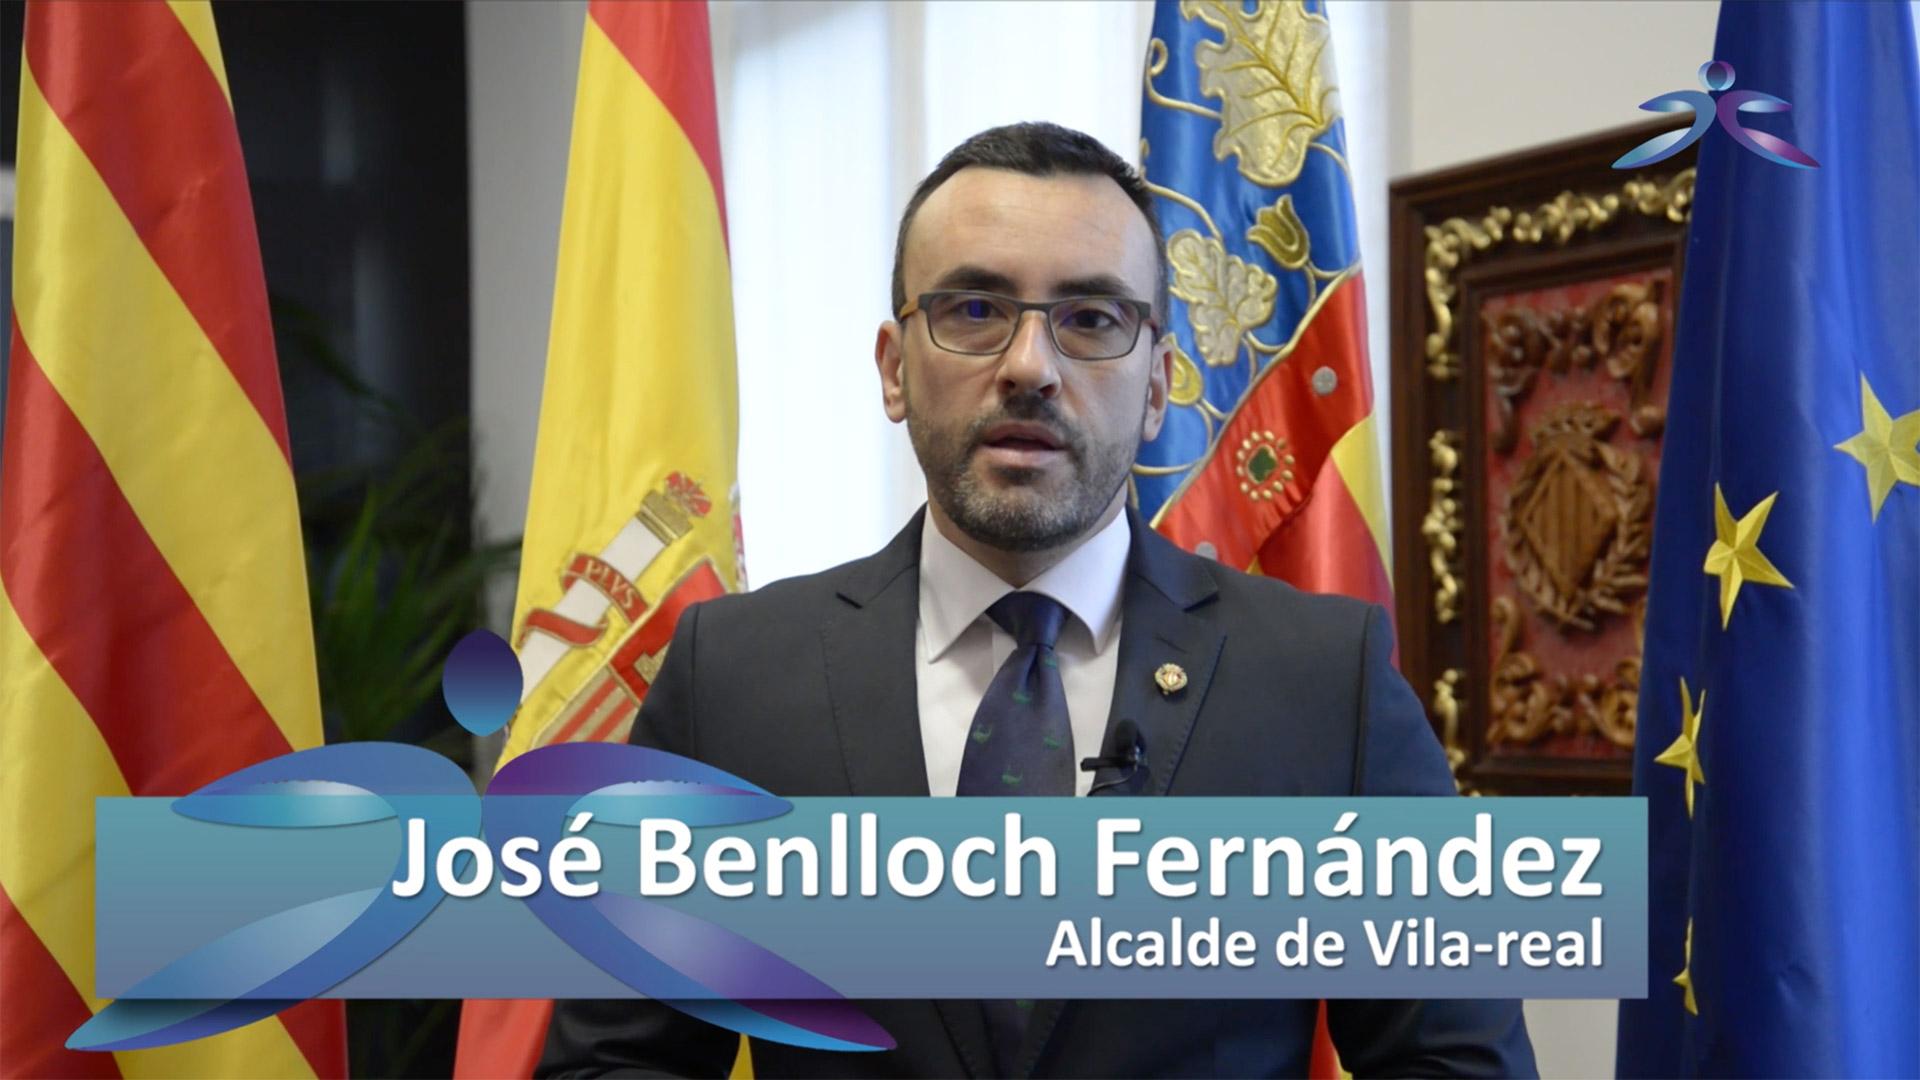 José Benlloch Fernández, alcalde de Vila-real